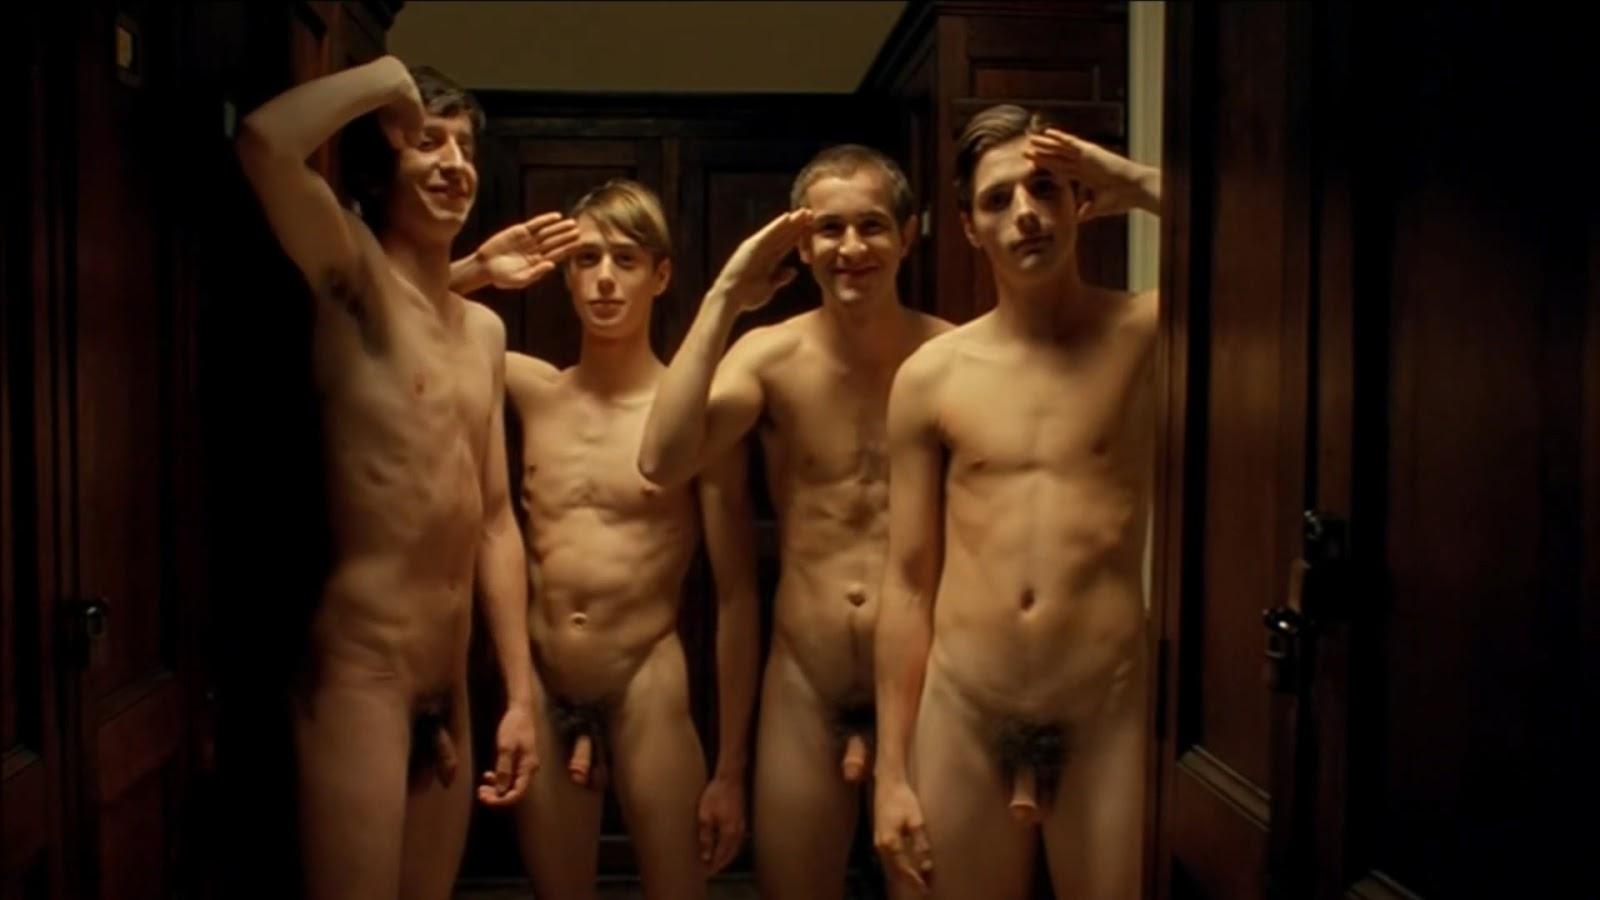 Фильм про голых мужиков трах голыми девушками